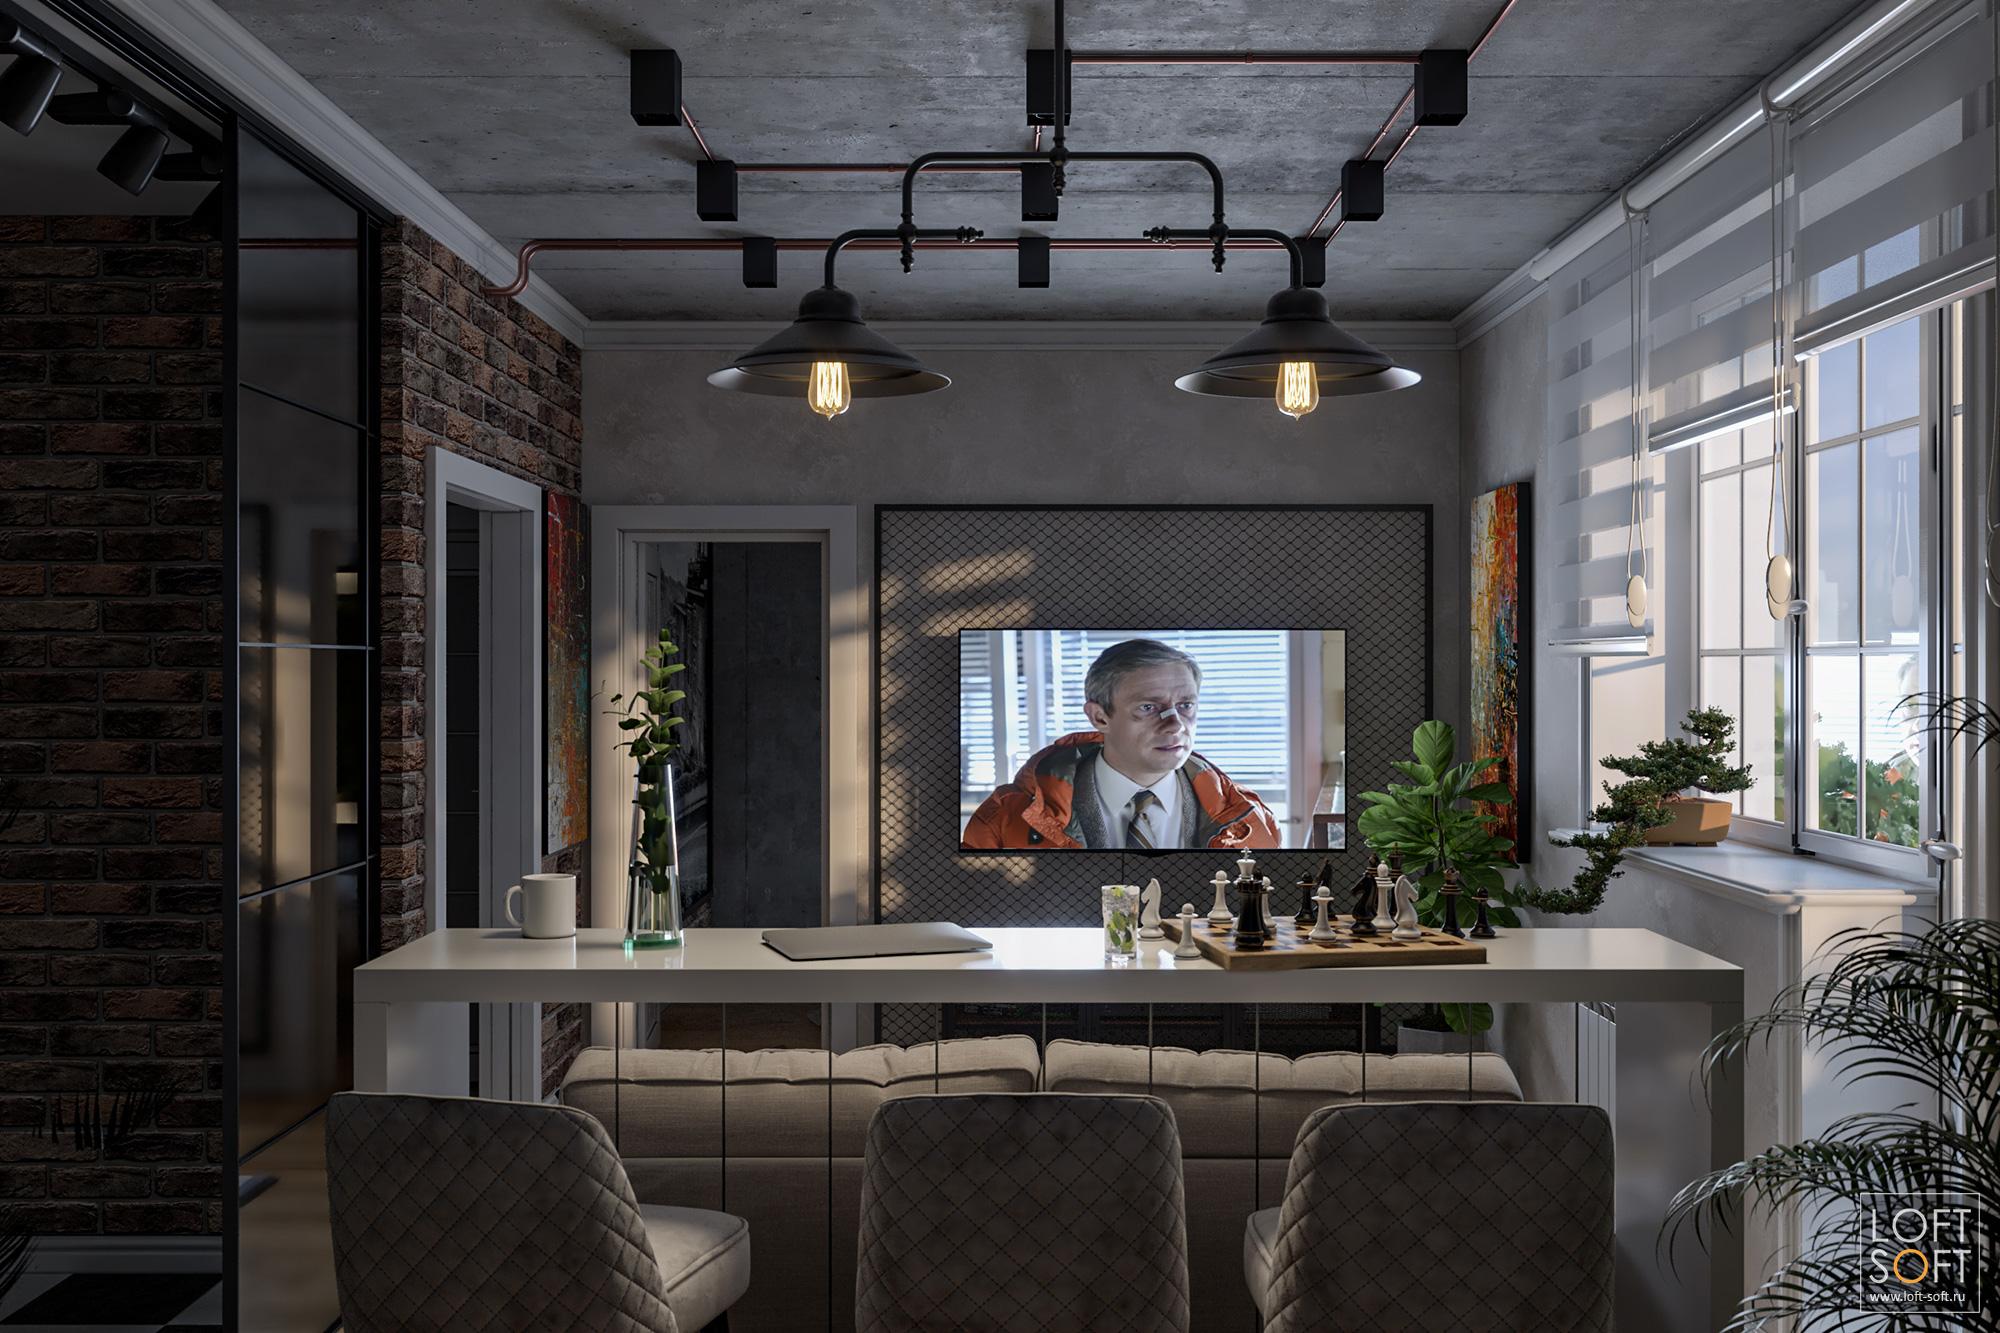 Вечернее освещение винтерьере, гостиная встиле лофт